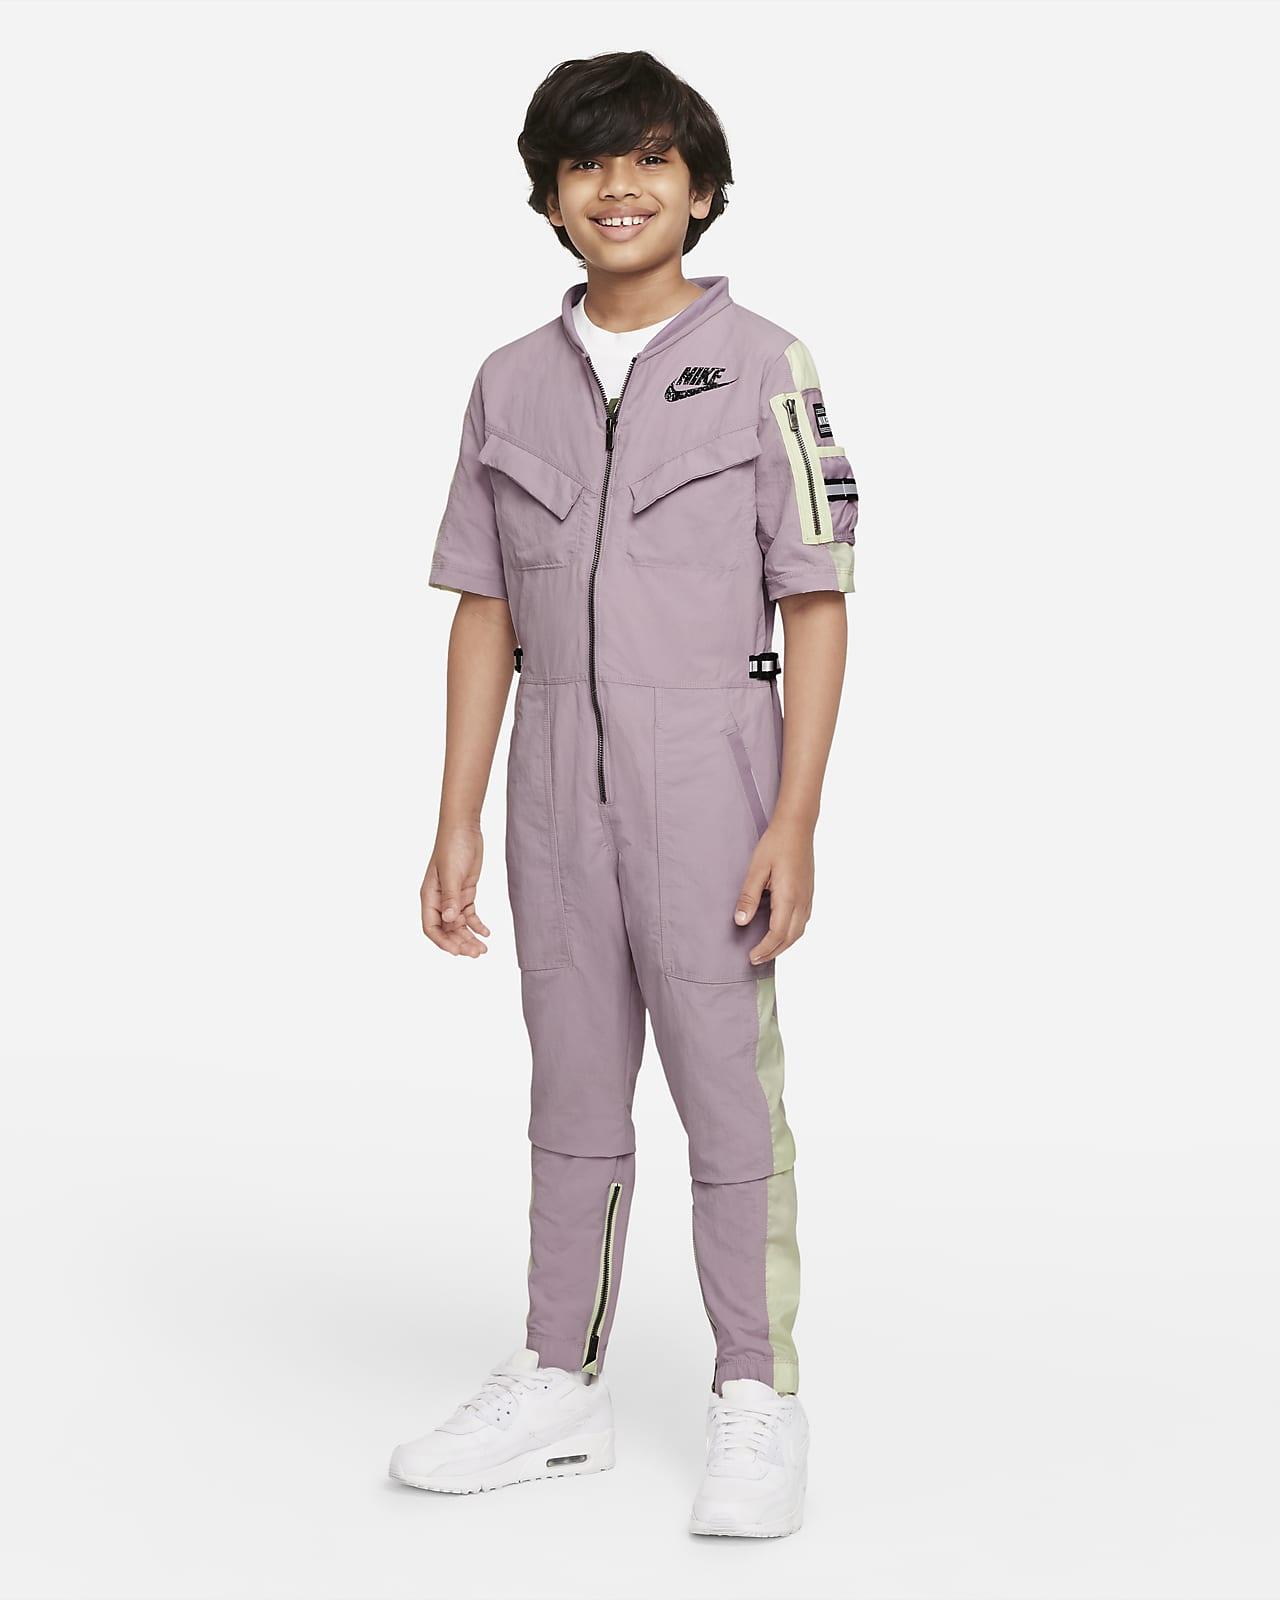 Nike Sportswear KP Big Kids' Union Suit